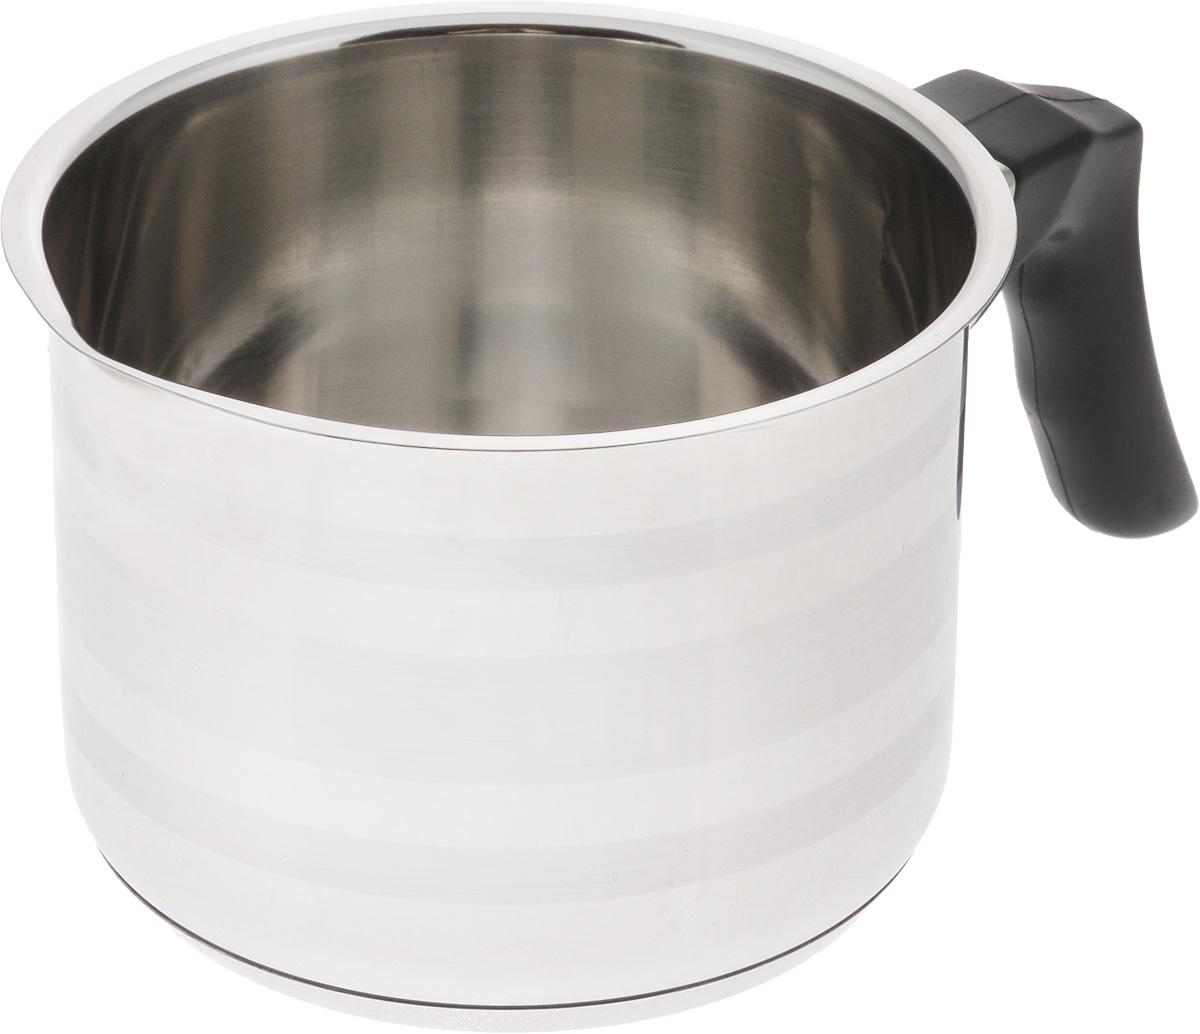 Молочник SSW, 1 л115510Молочник SSW выполнен из высококачественной нержавеющей стали. Внешние стенки изделия оформлены сочетанием зеркальной и матовой поверхности. Молочник оснащен удобной пластиковой ручкой. Кромка изделия оснащена специальным носиком для удобного выливания содержимого.Молочник SSW займет достойное место на вашей кухне!Подходит для электрических, газовых, индукционных и стеклокерамических плит. Можно мыть в посудомоечной машине.Объем: 1 л.Высота стенки: 9,5 см.Диаметр дна: 10,5 см. Диаметр (по верхнему краю): 12 см.Ширина молочника (с учетом ручки и носика): 19,5 см.